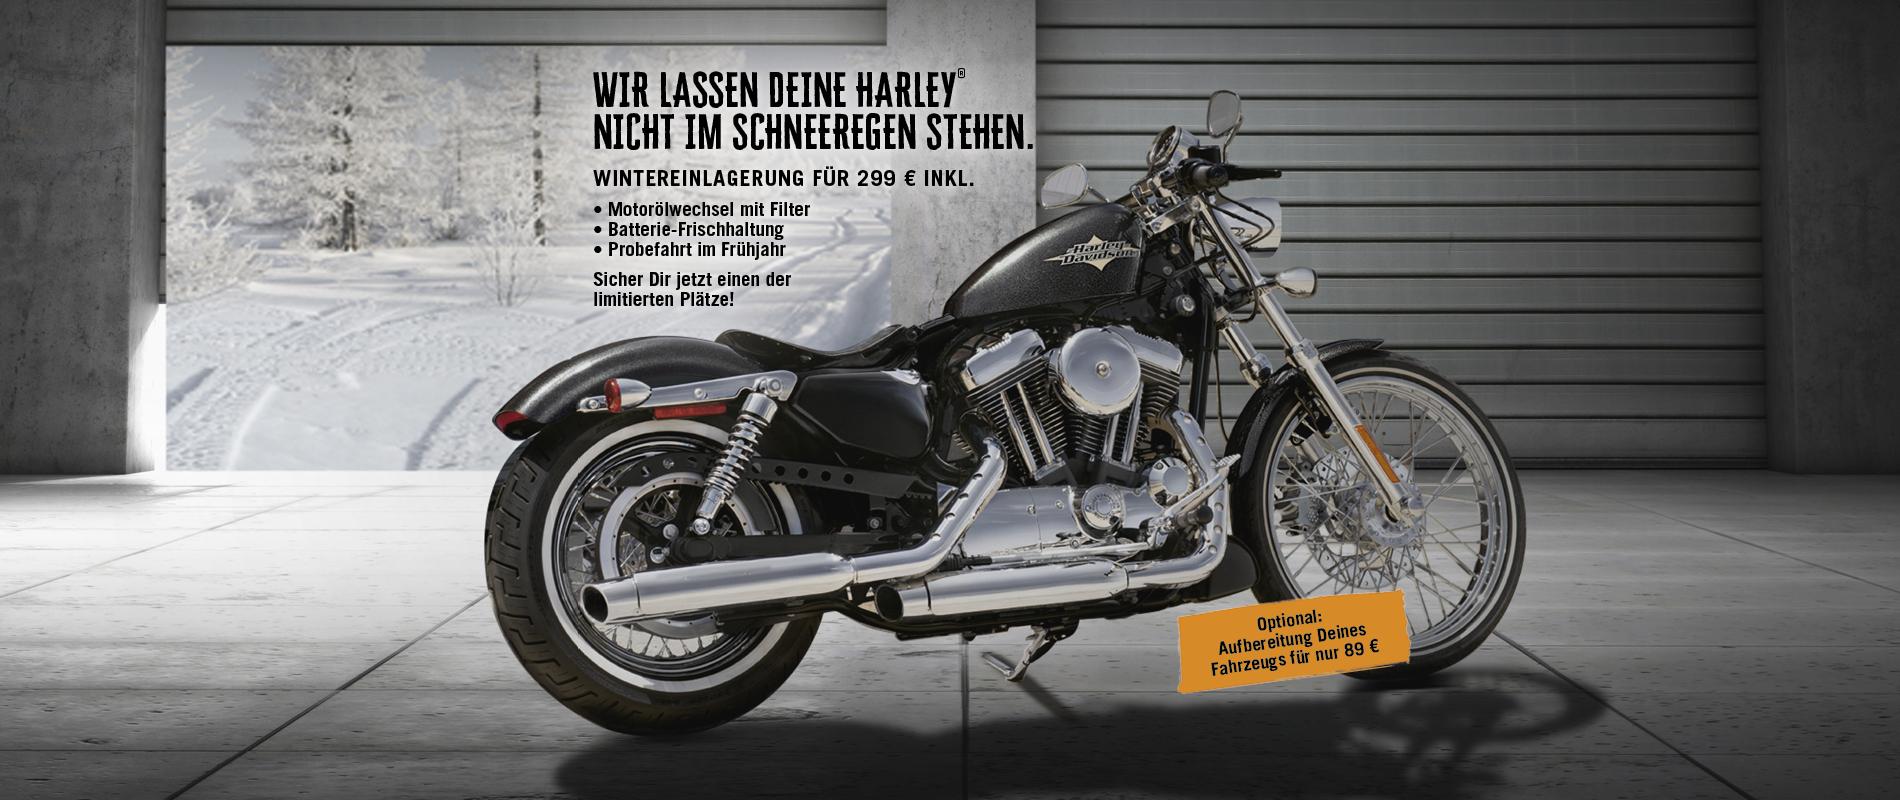 HD_Schwarzach_Billboard_Wintereinlagerung2017_2